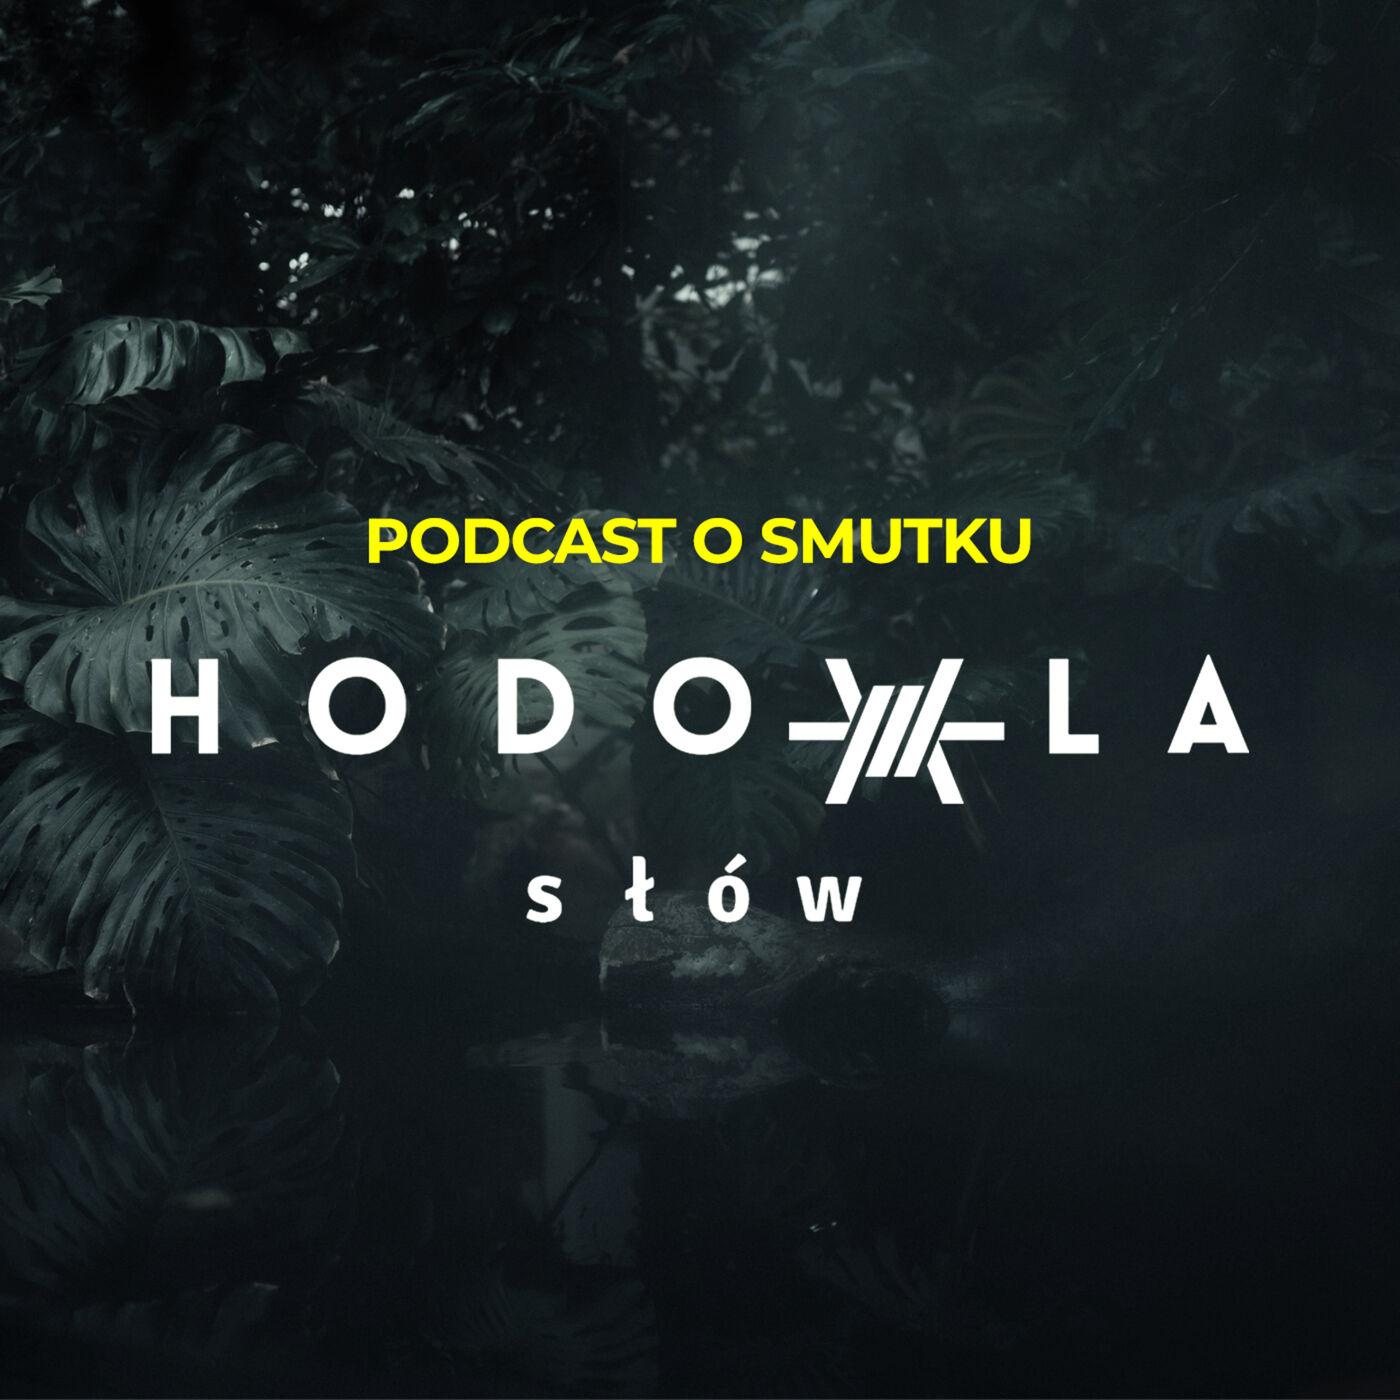 Podcast o smutku